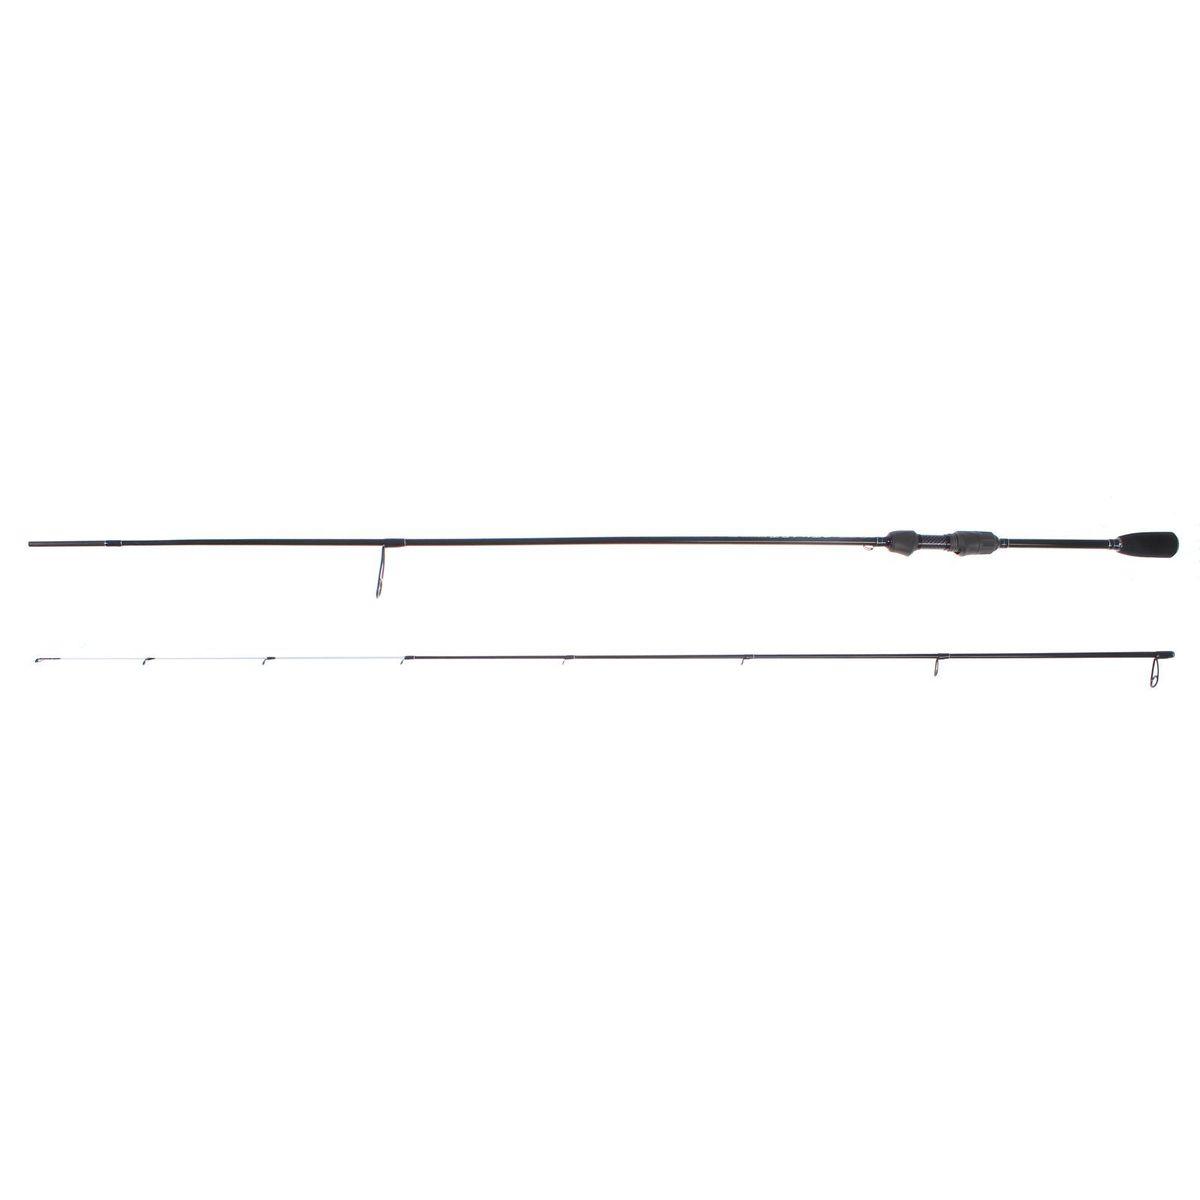 Спиннинг Волжанка Стилет, 2,3 м, 2-7 г спиннинг штекерный onlitop matrix 2 7 м 40 80 г